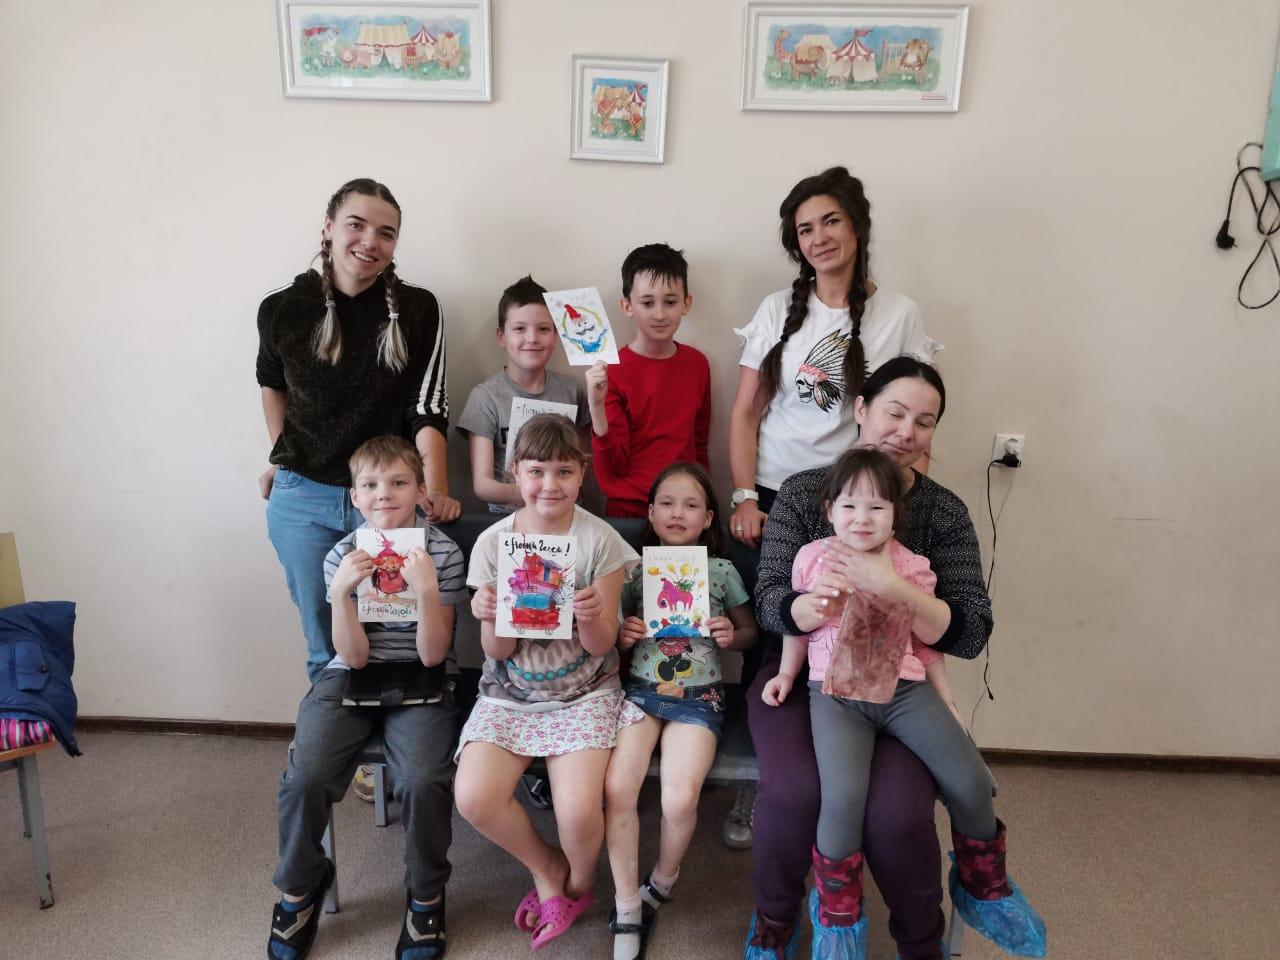 Добряки Челябинска вместе с детьми сделали добрые открытки